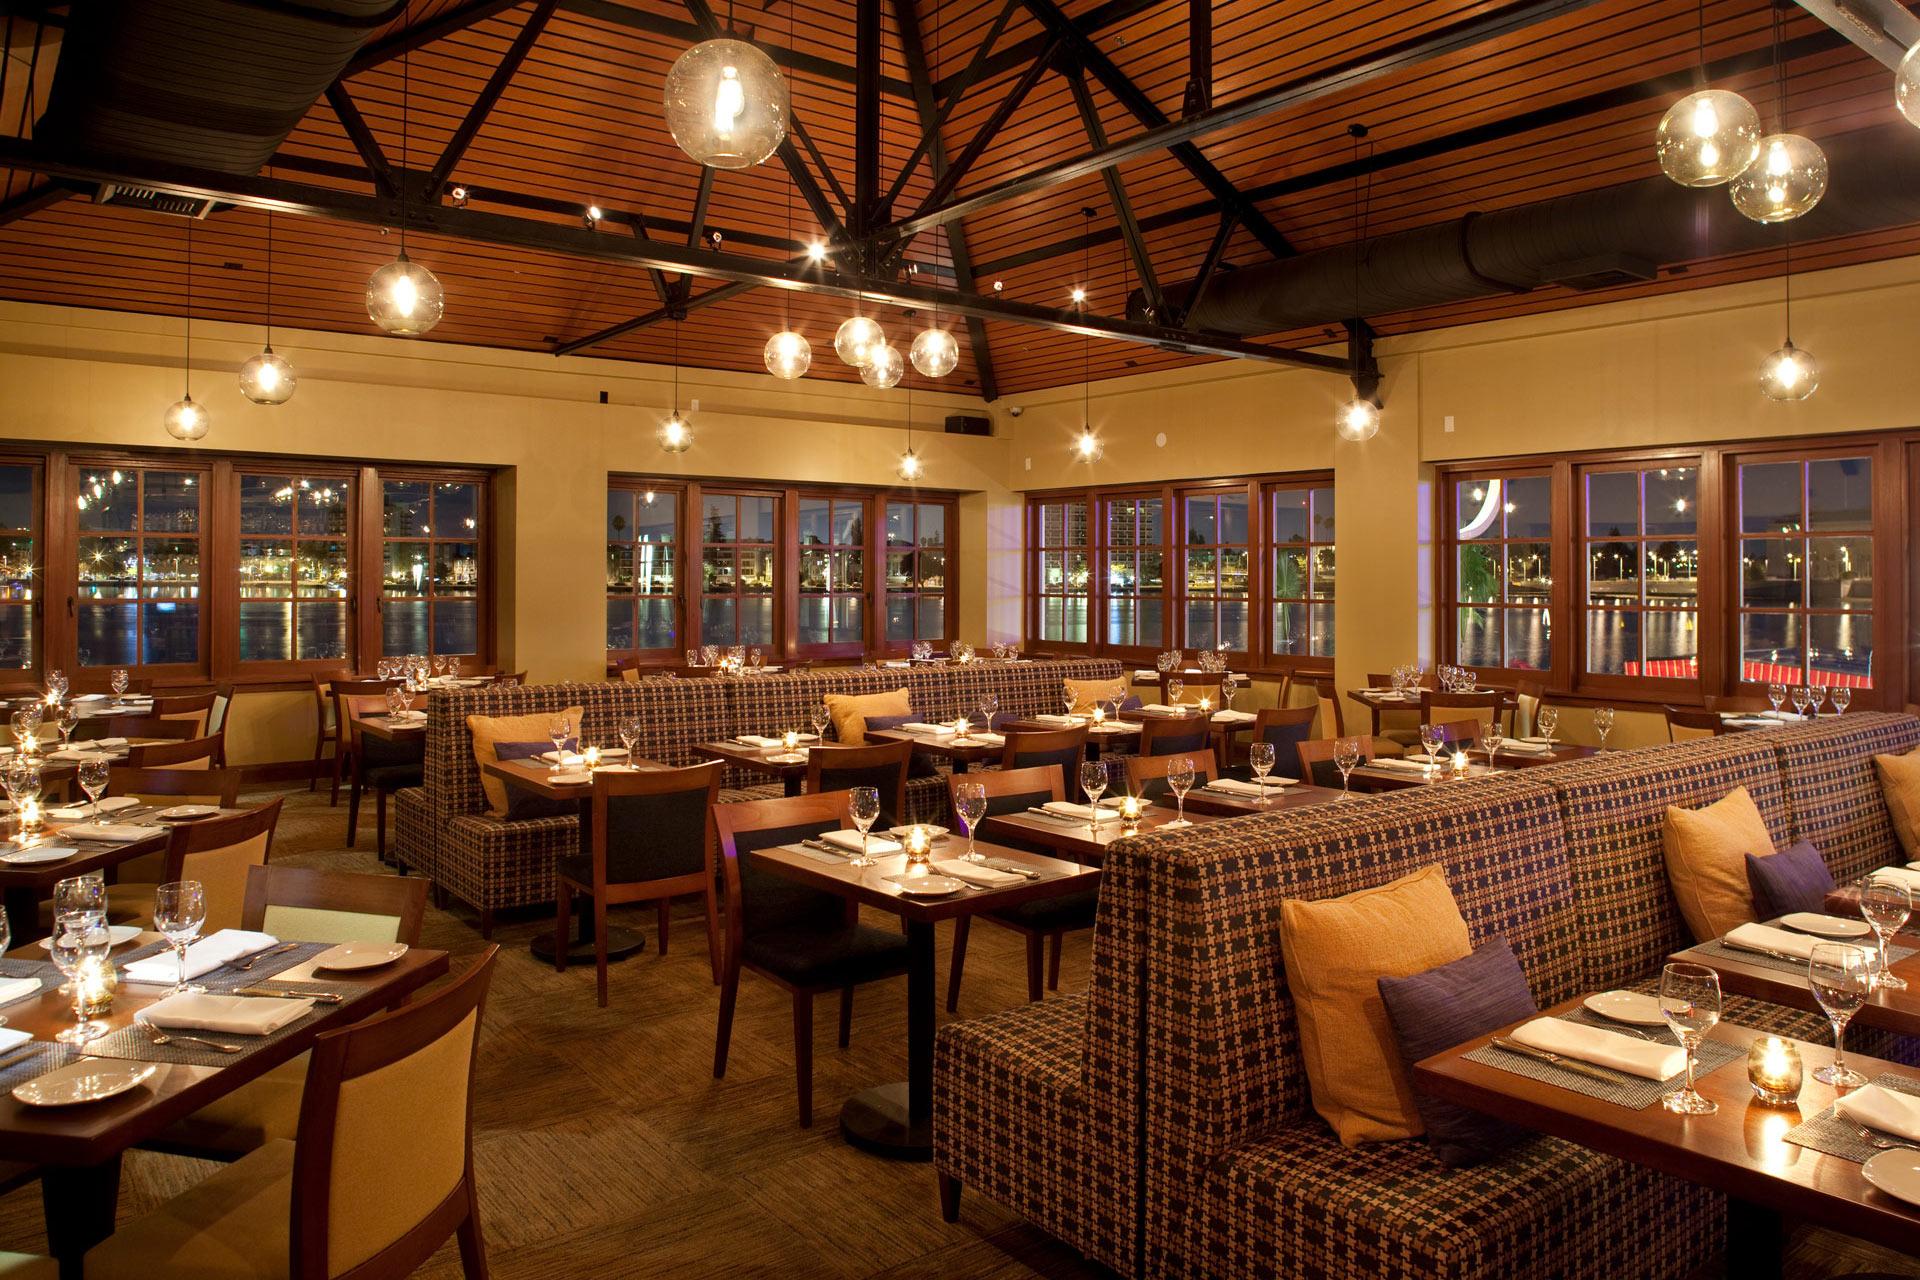 Lake Chalet restaurant designer near me